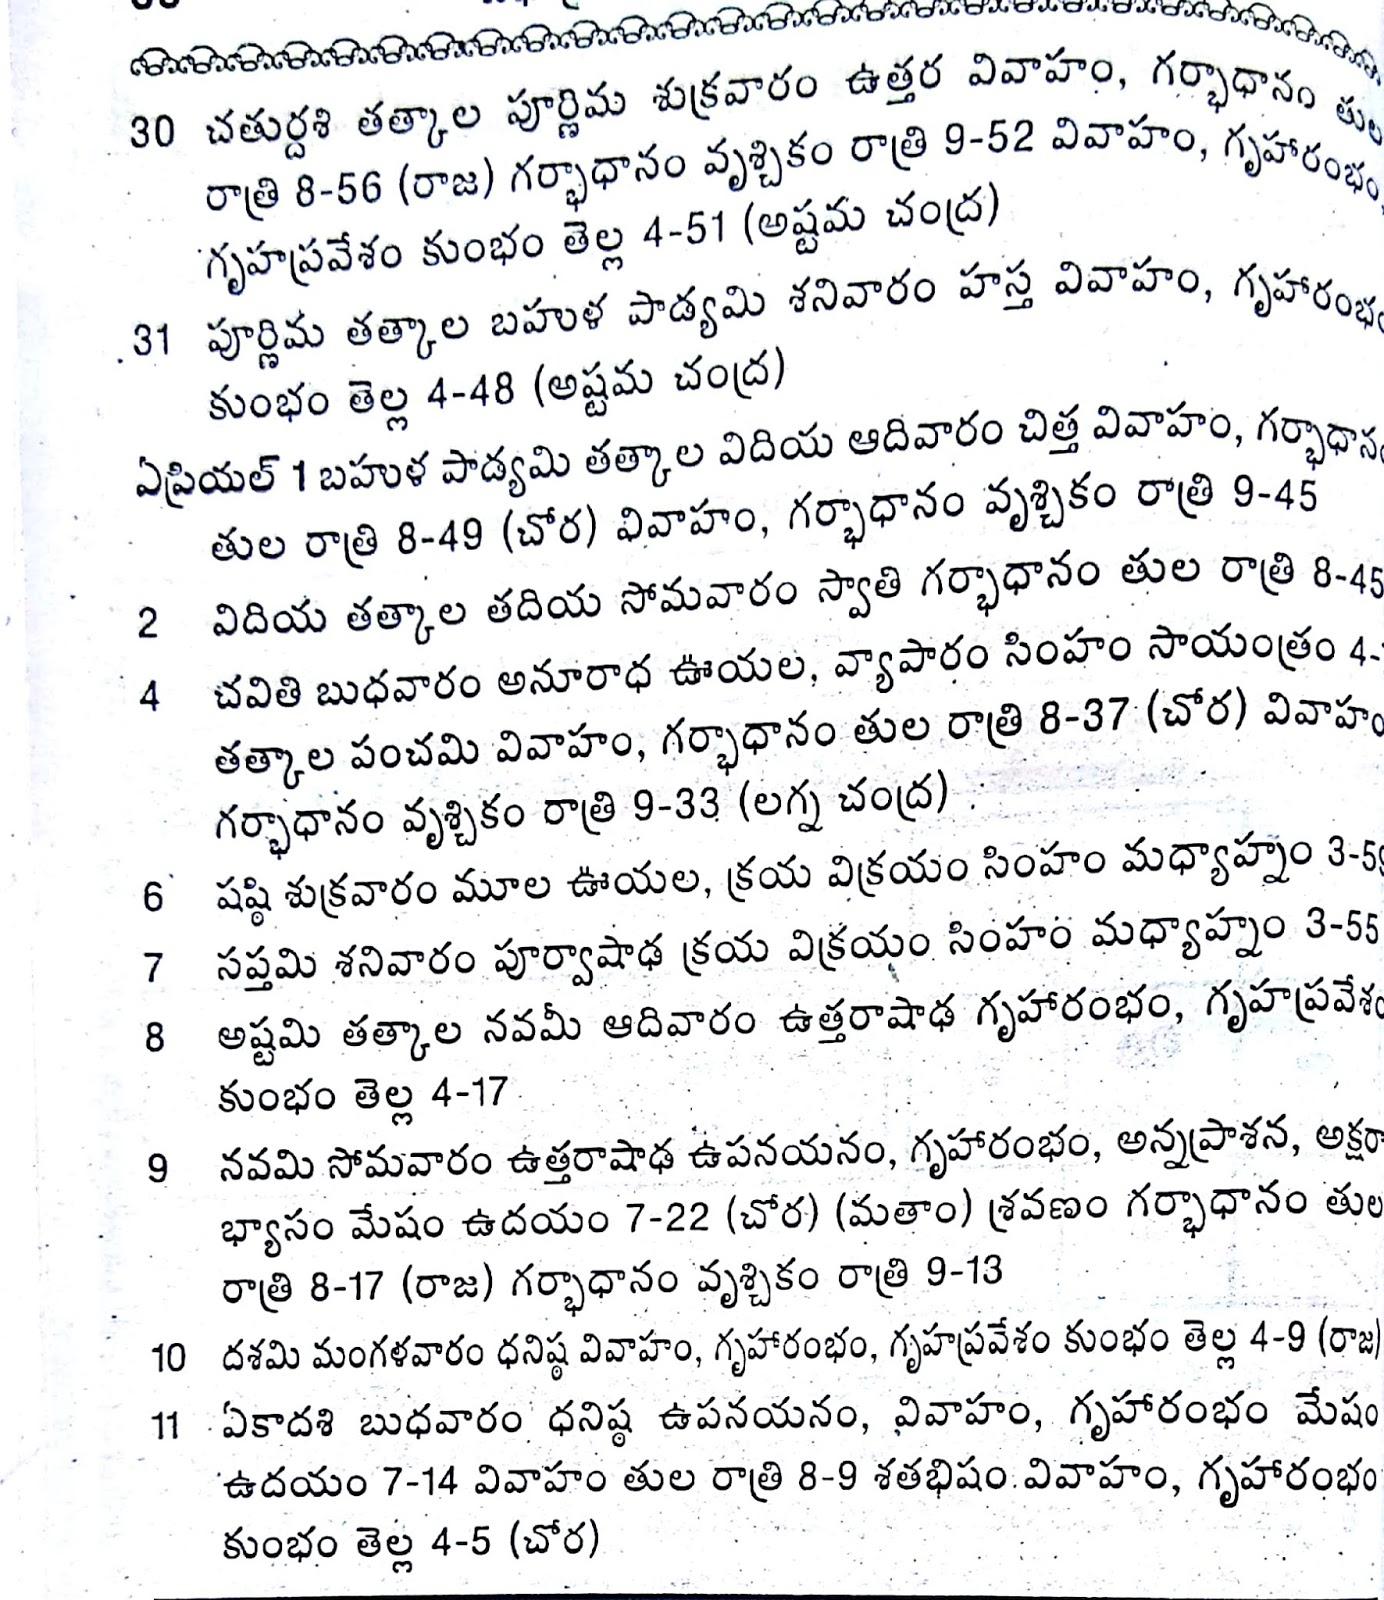 నేమాని పంచాంగం  Nemani panchangam  2018-19 Eenadu SundayMagazine Sunday Magazine Eenadu Paper Bhakthi Pustakalu BhakthiPustakalu BhaktiPustakalu Bhakti Pustakalu